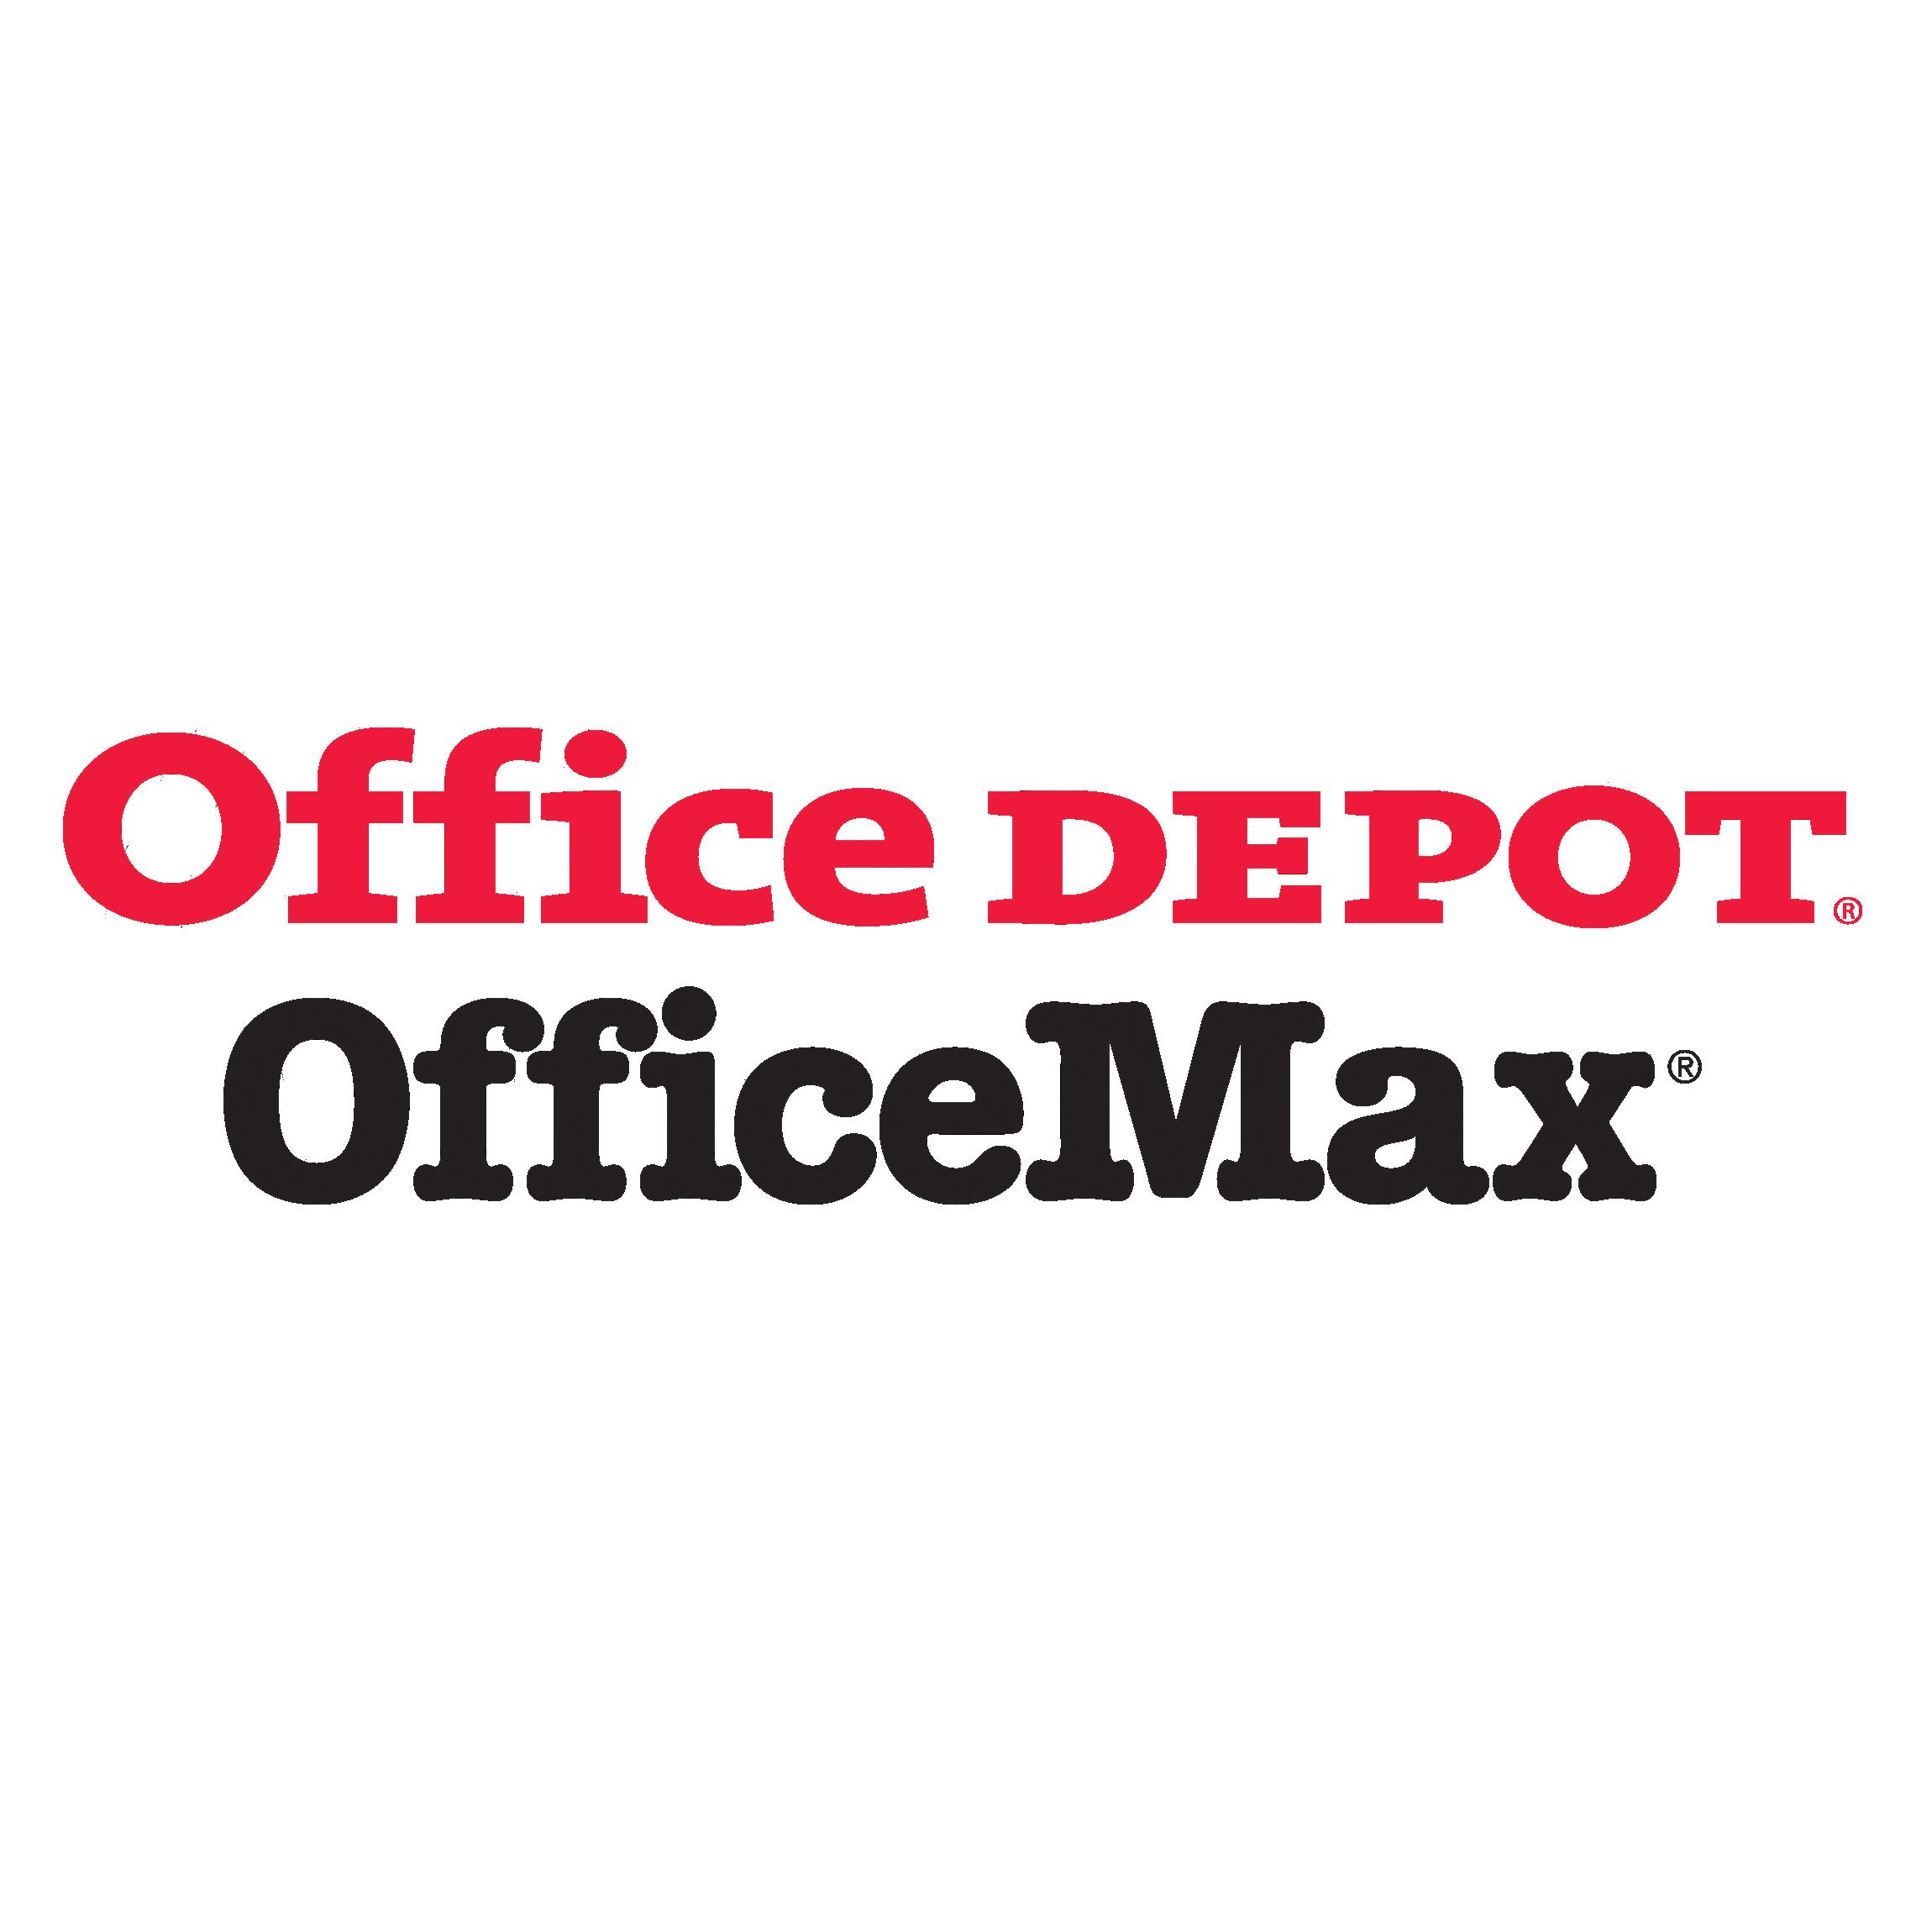 purepng.com-office-depot-logologobrand-logoiconslogos-2515199405890mdov (1).png